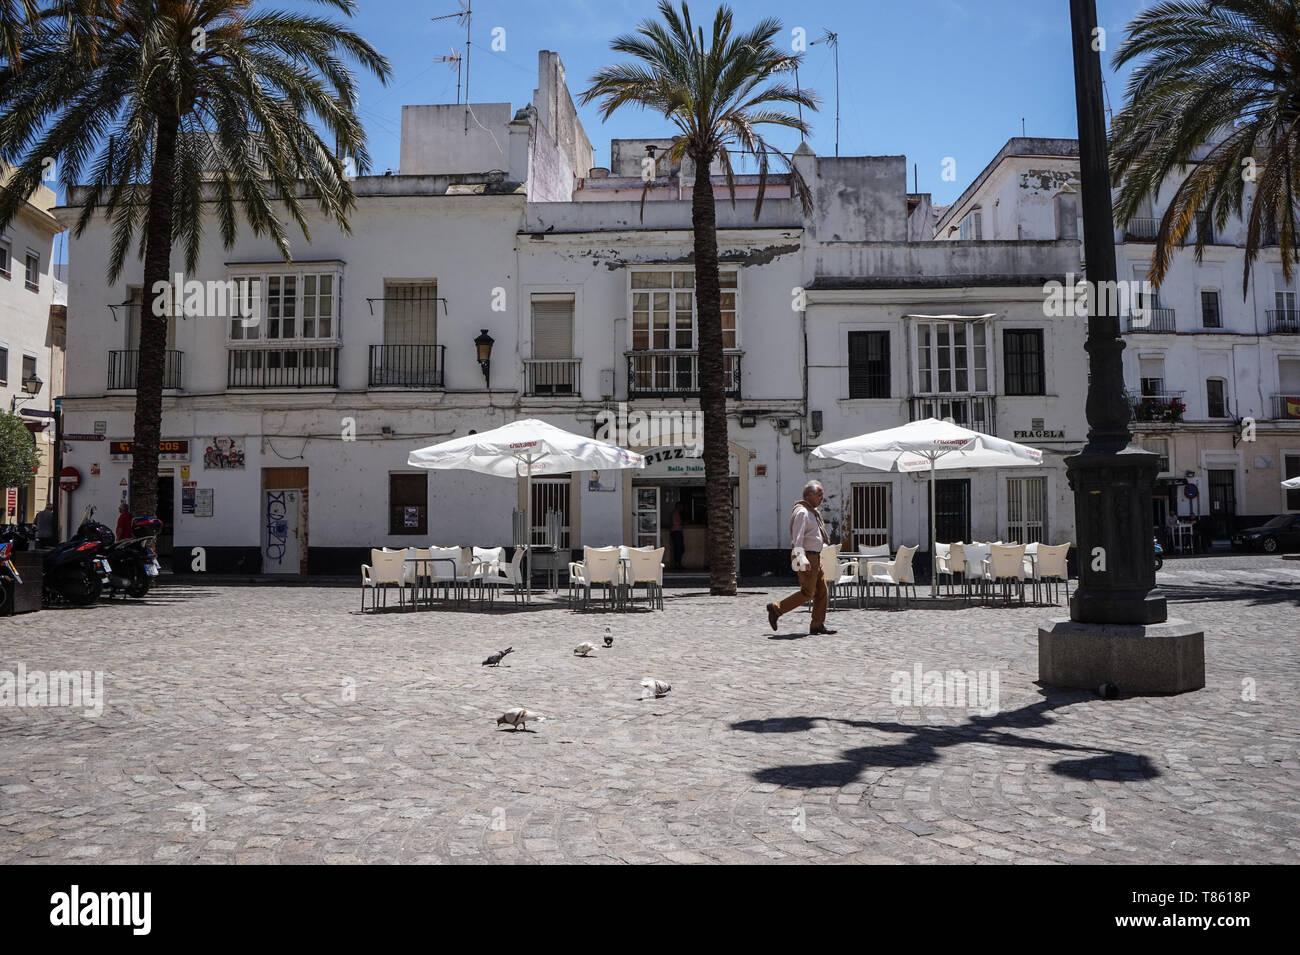 Street view, Cadiz, Maggio 2019 Immagini Stock